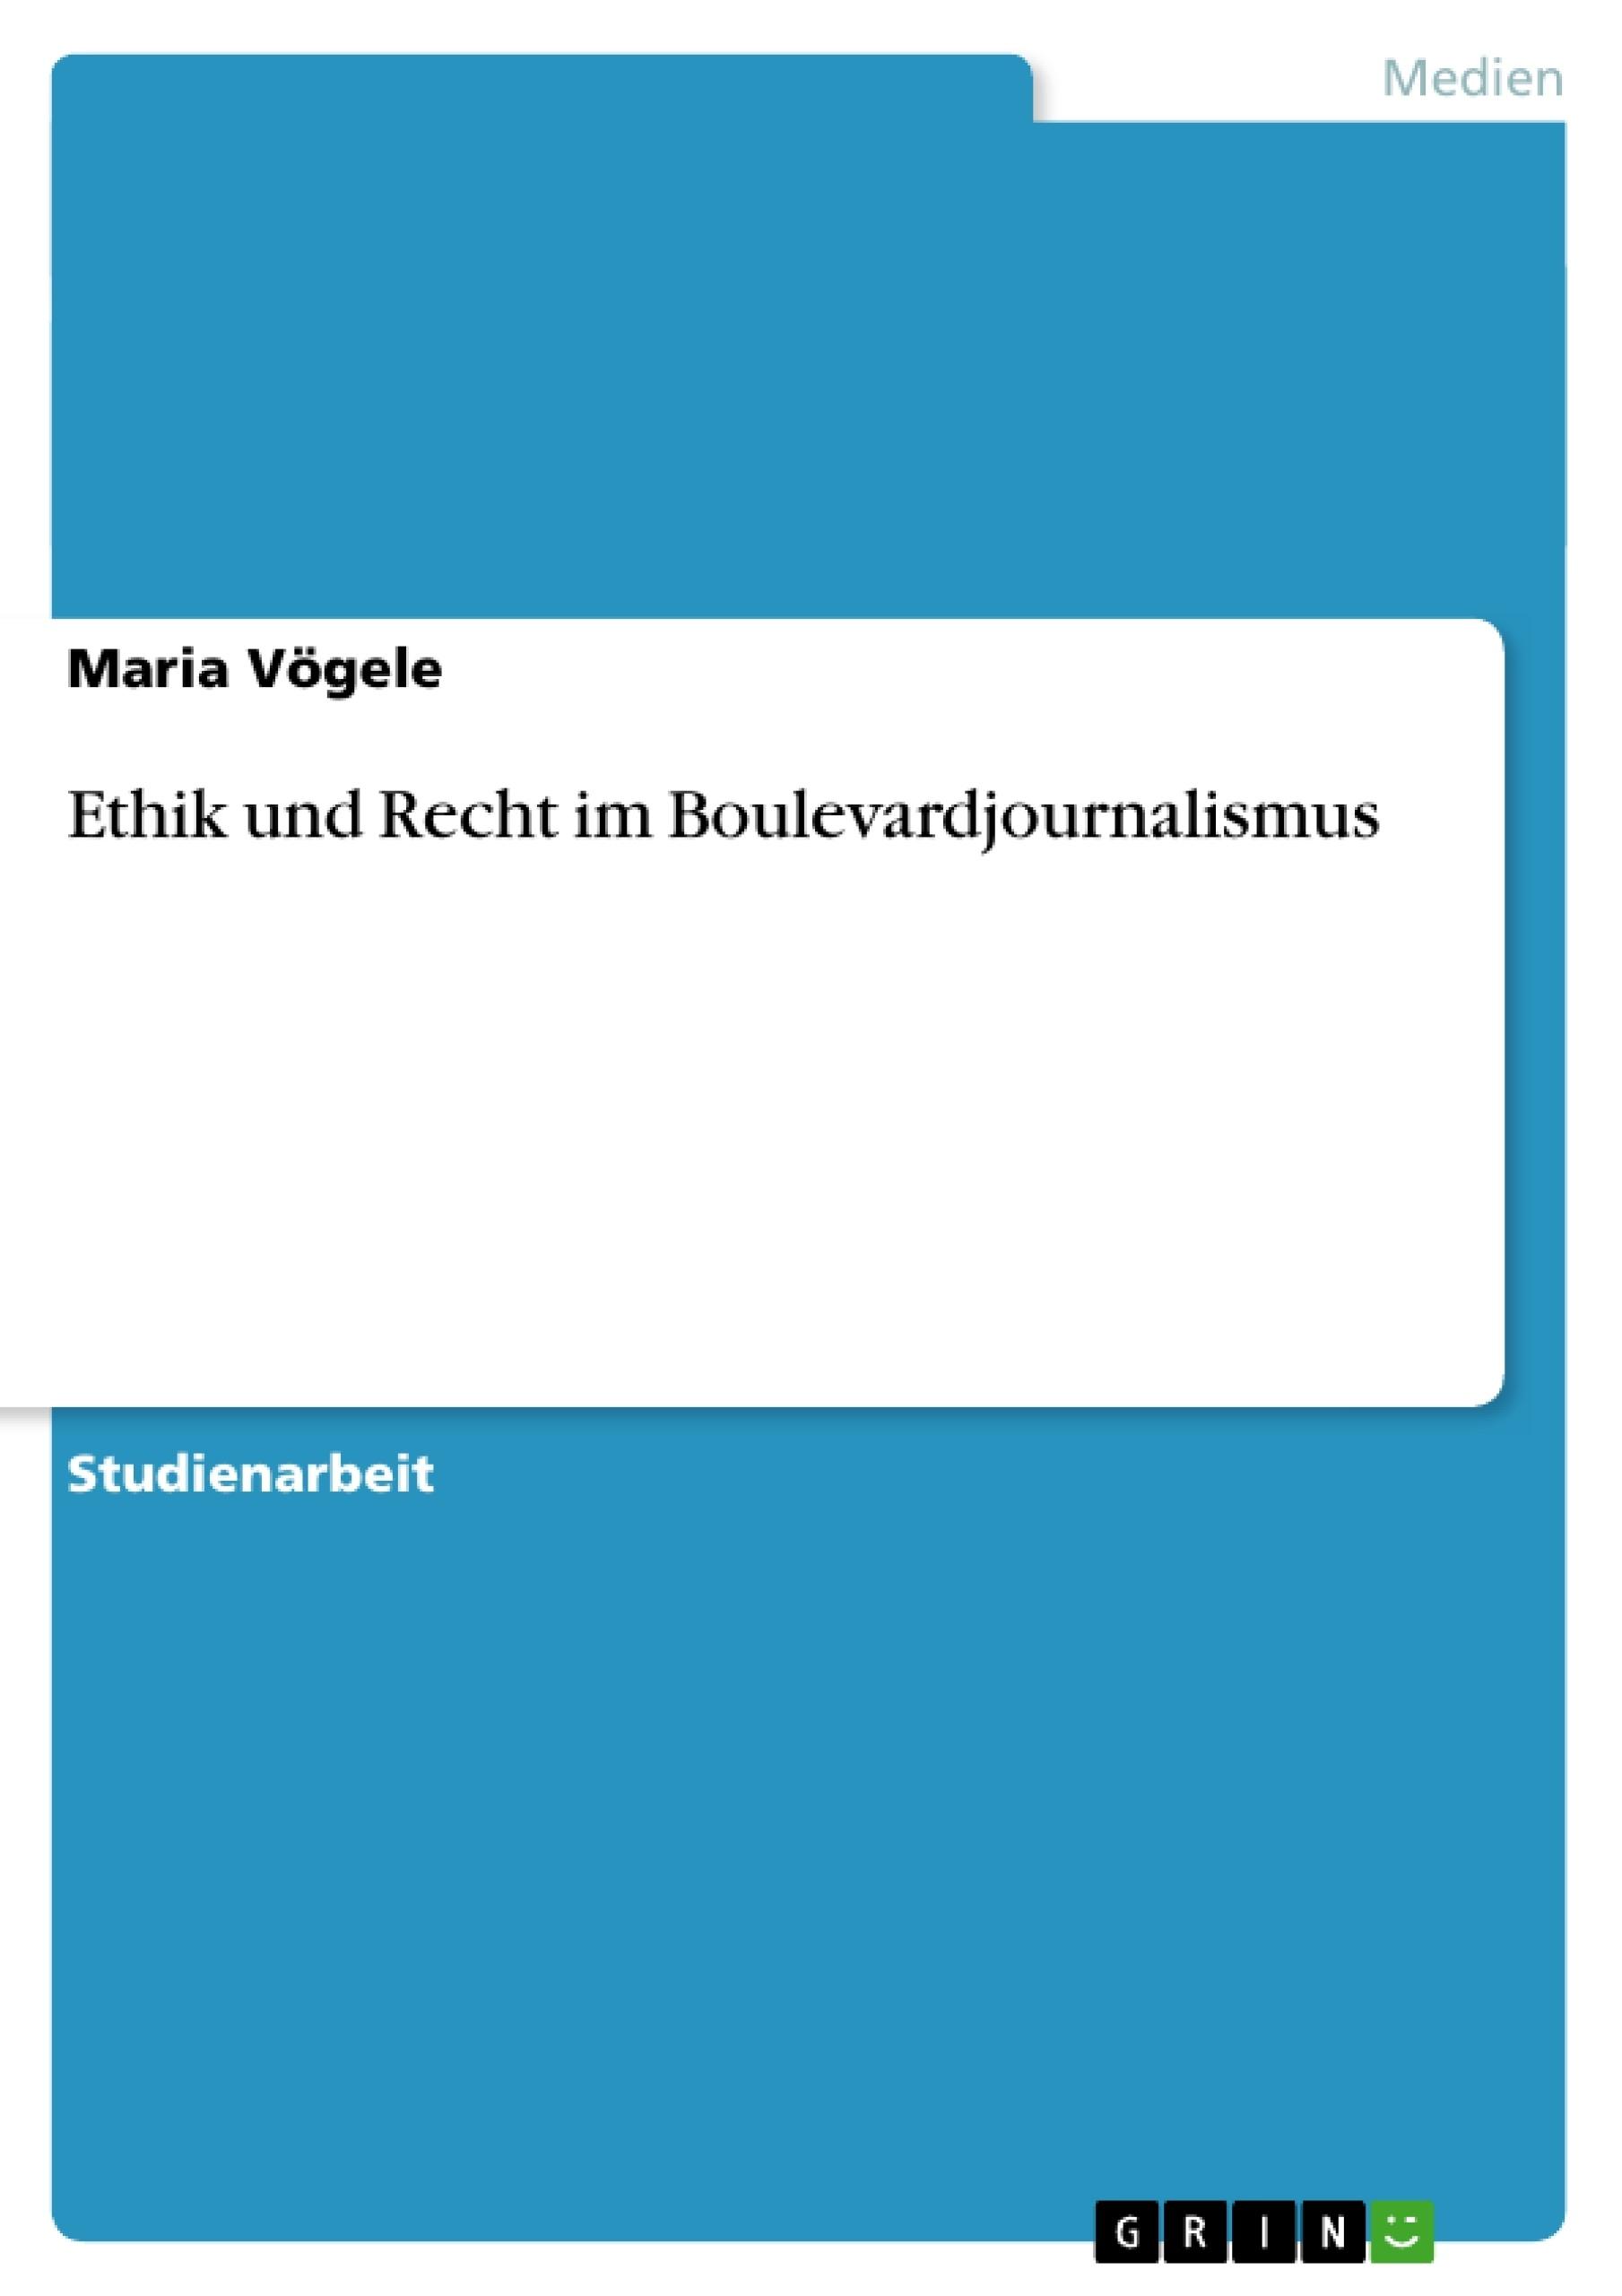 Titel: Ethik und Recht im Boulevardjournalismus